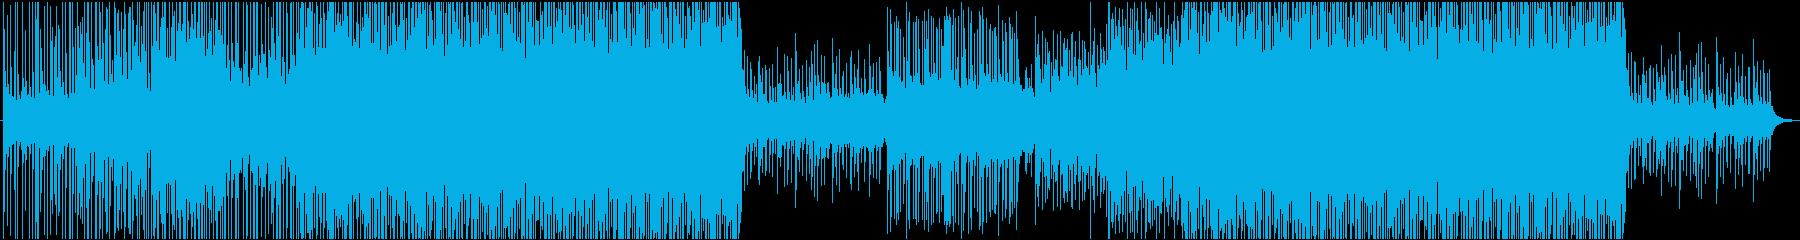 爽やかで疾走感のある夏のトロピカル楽曲の再生済みの波形